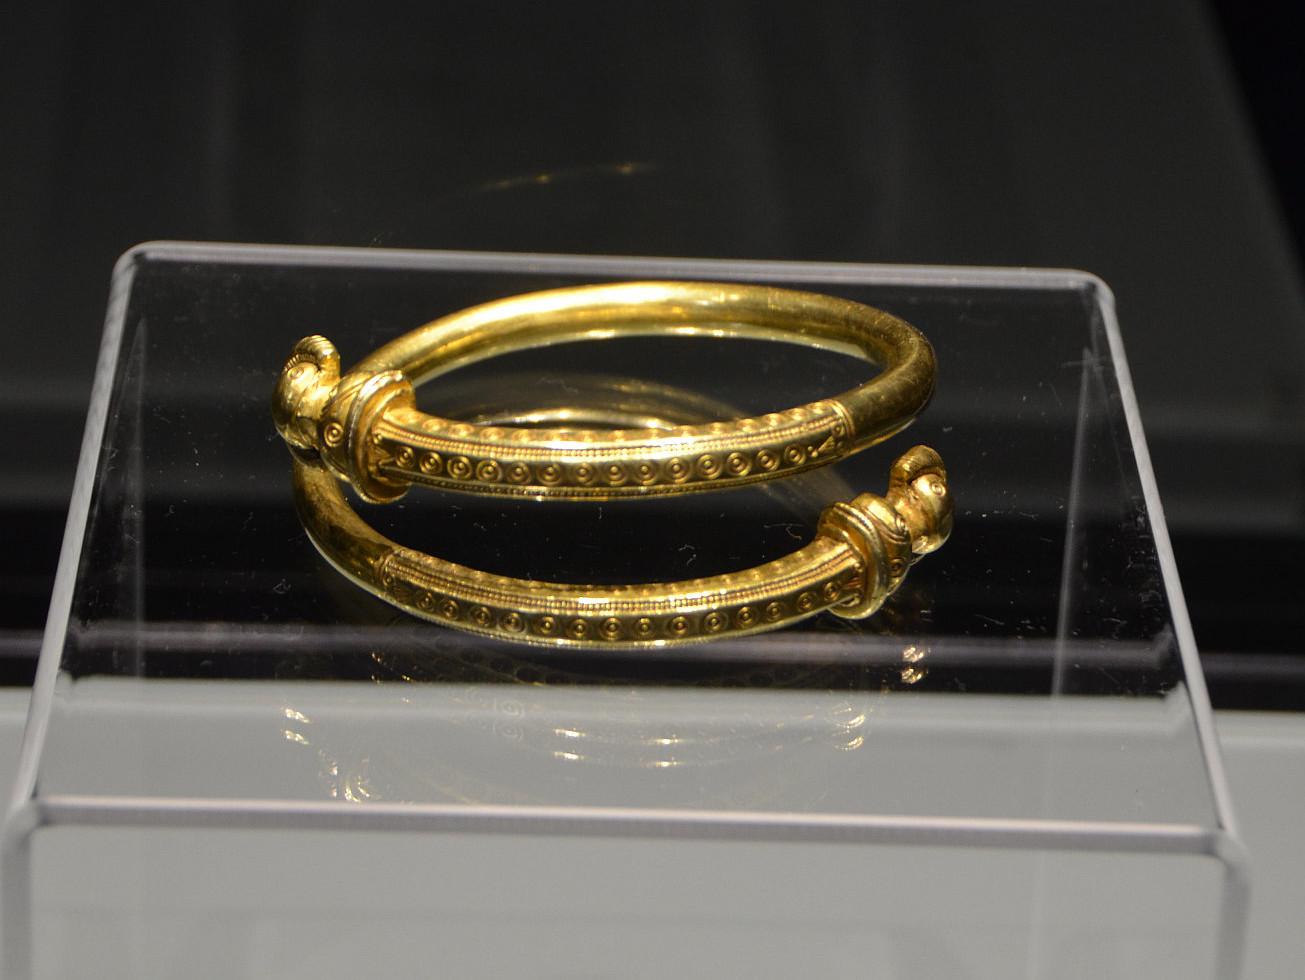 Zlatý náramek z dioby římské, zdroj: Národní muzeum